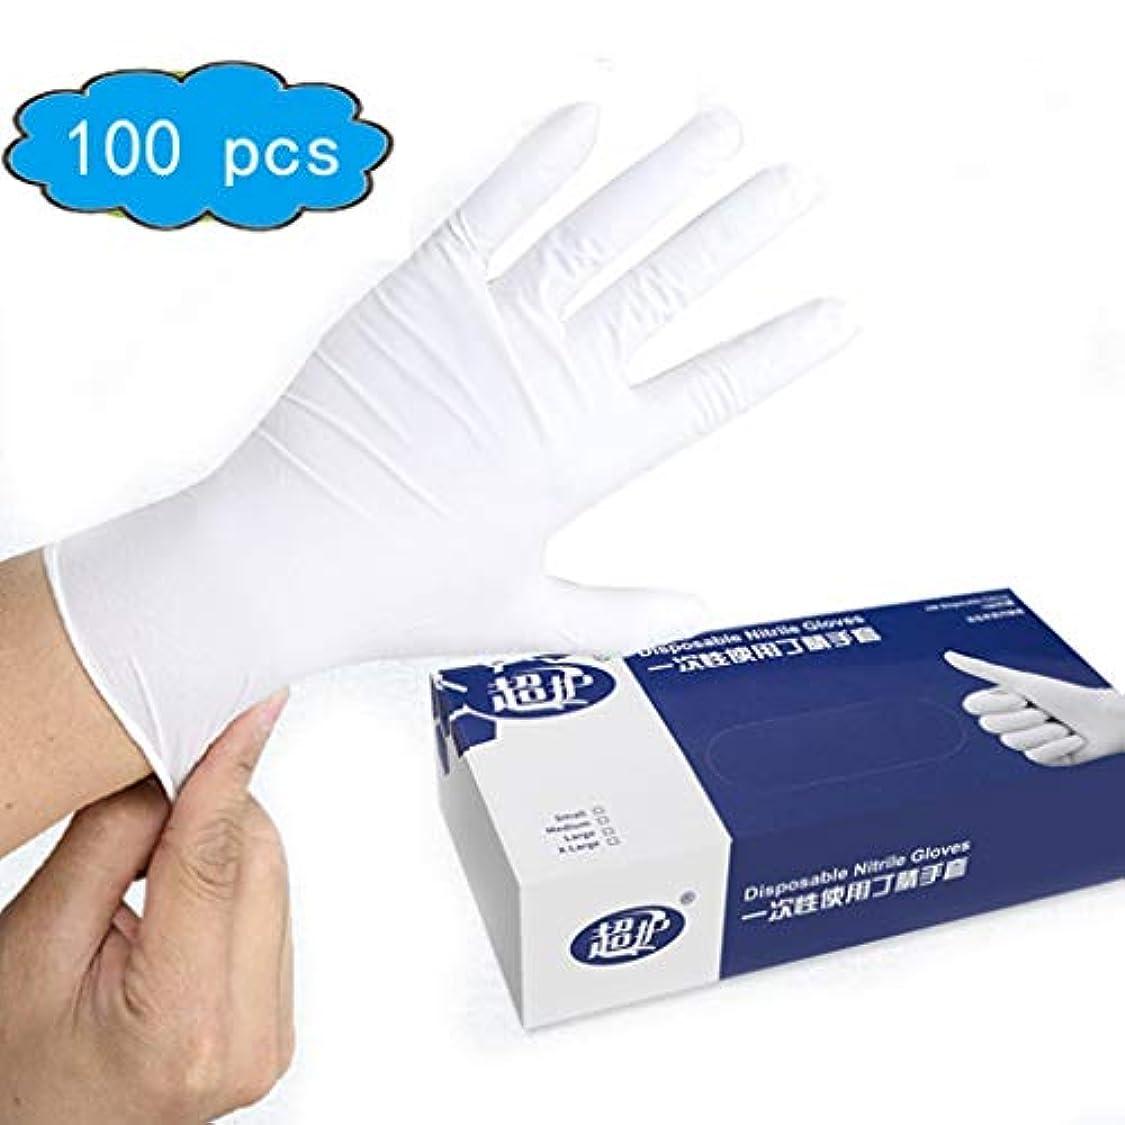 警官最高仮称使い捨てニトリル手袋-医療グレード、パウダーフリー、ラテックスゴムフリー、使い捨て、非滅菌、食品安全、白色、2.5ミル、100個入りパック、使い捨て手袋食品、ツール&ホーム改善 (Color : White, Size...